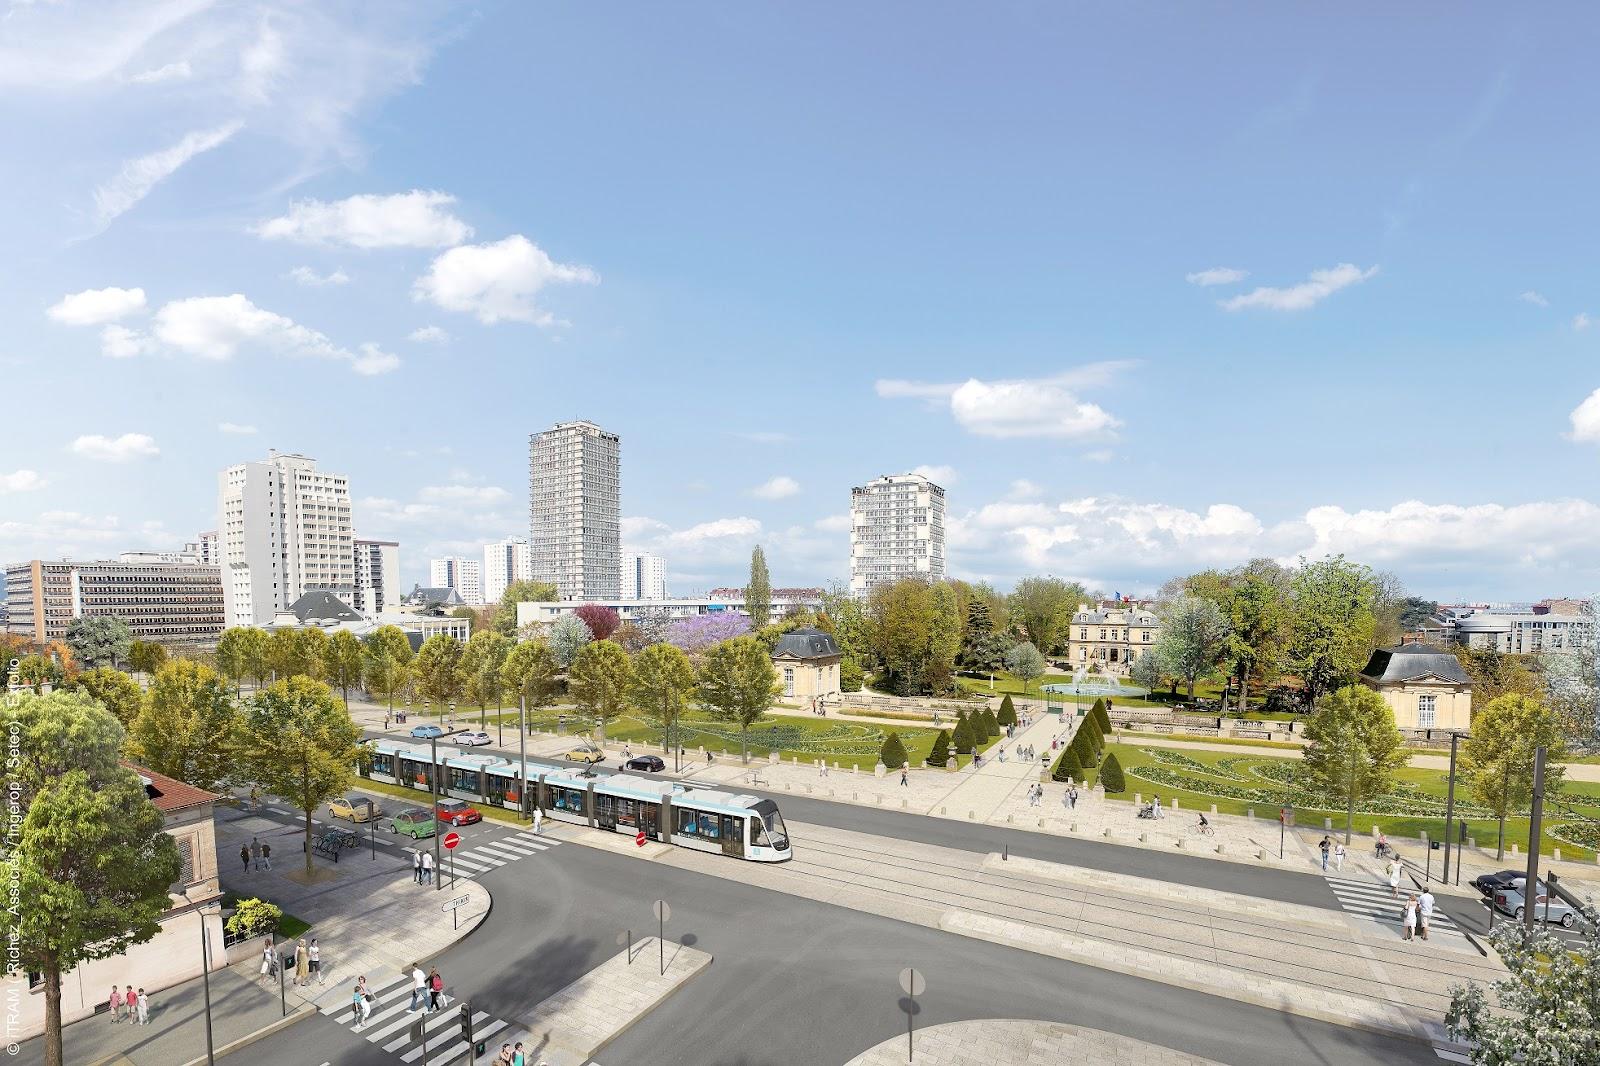 Estações ficam a cada 550 metros, visando à intermodalidade entre os modos de transportes e o acesso seguro aos pedestres. (Tram 9/Reprodução)